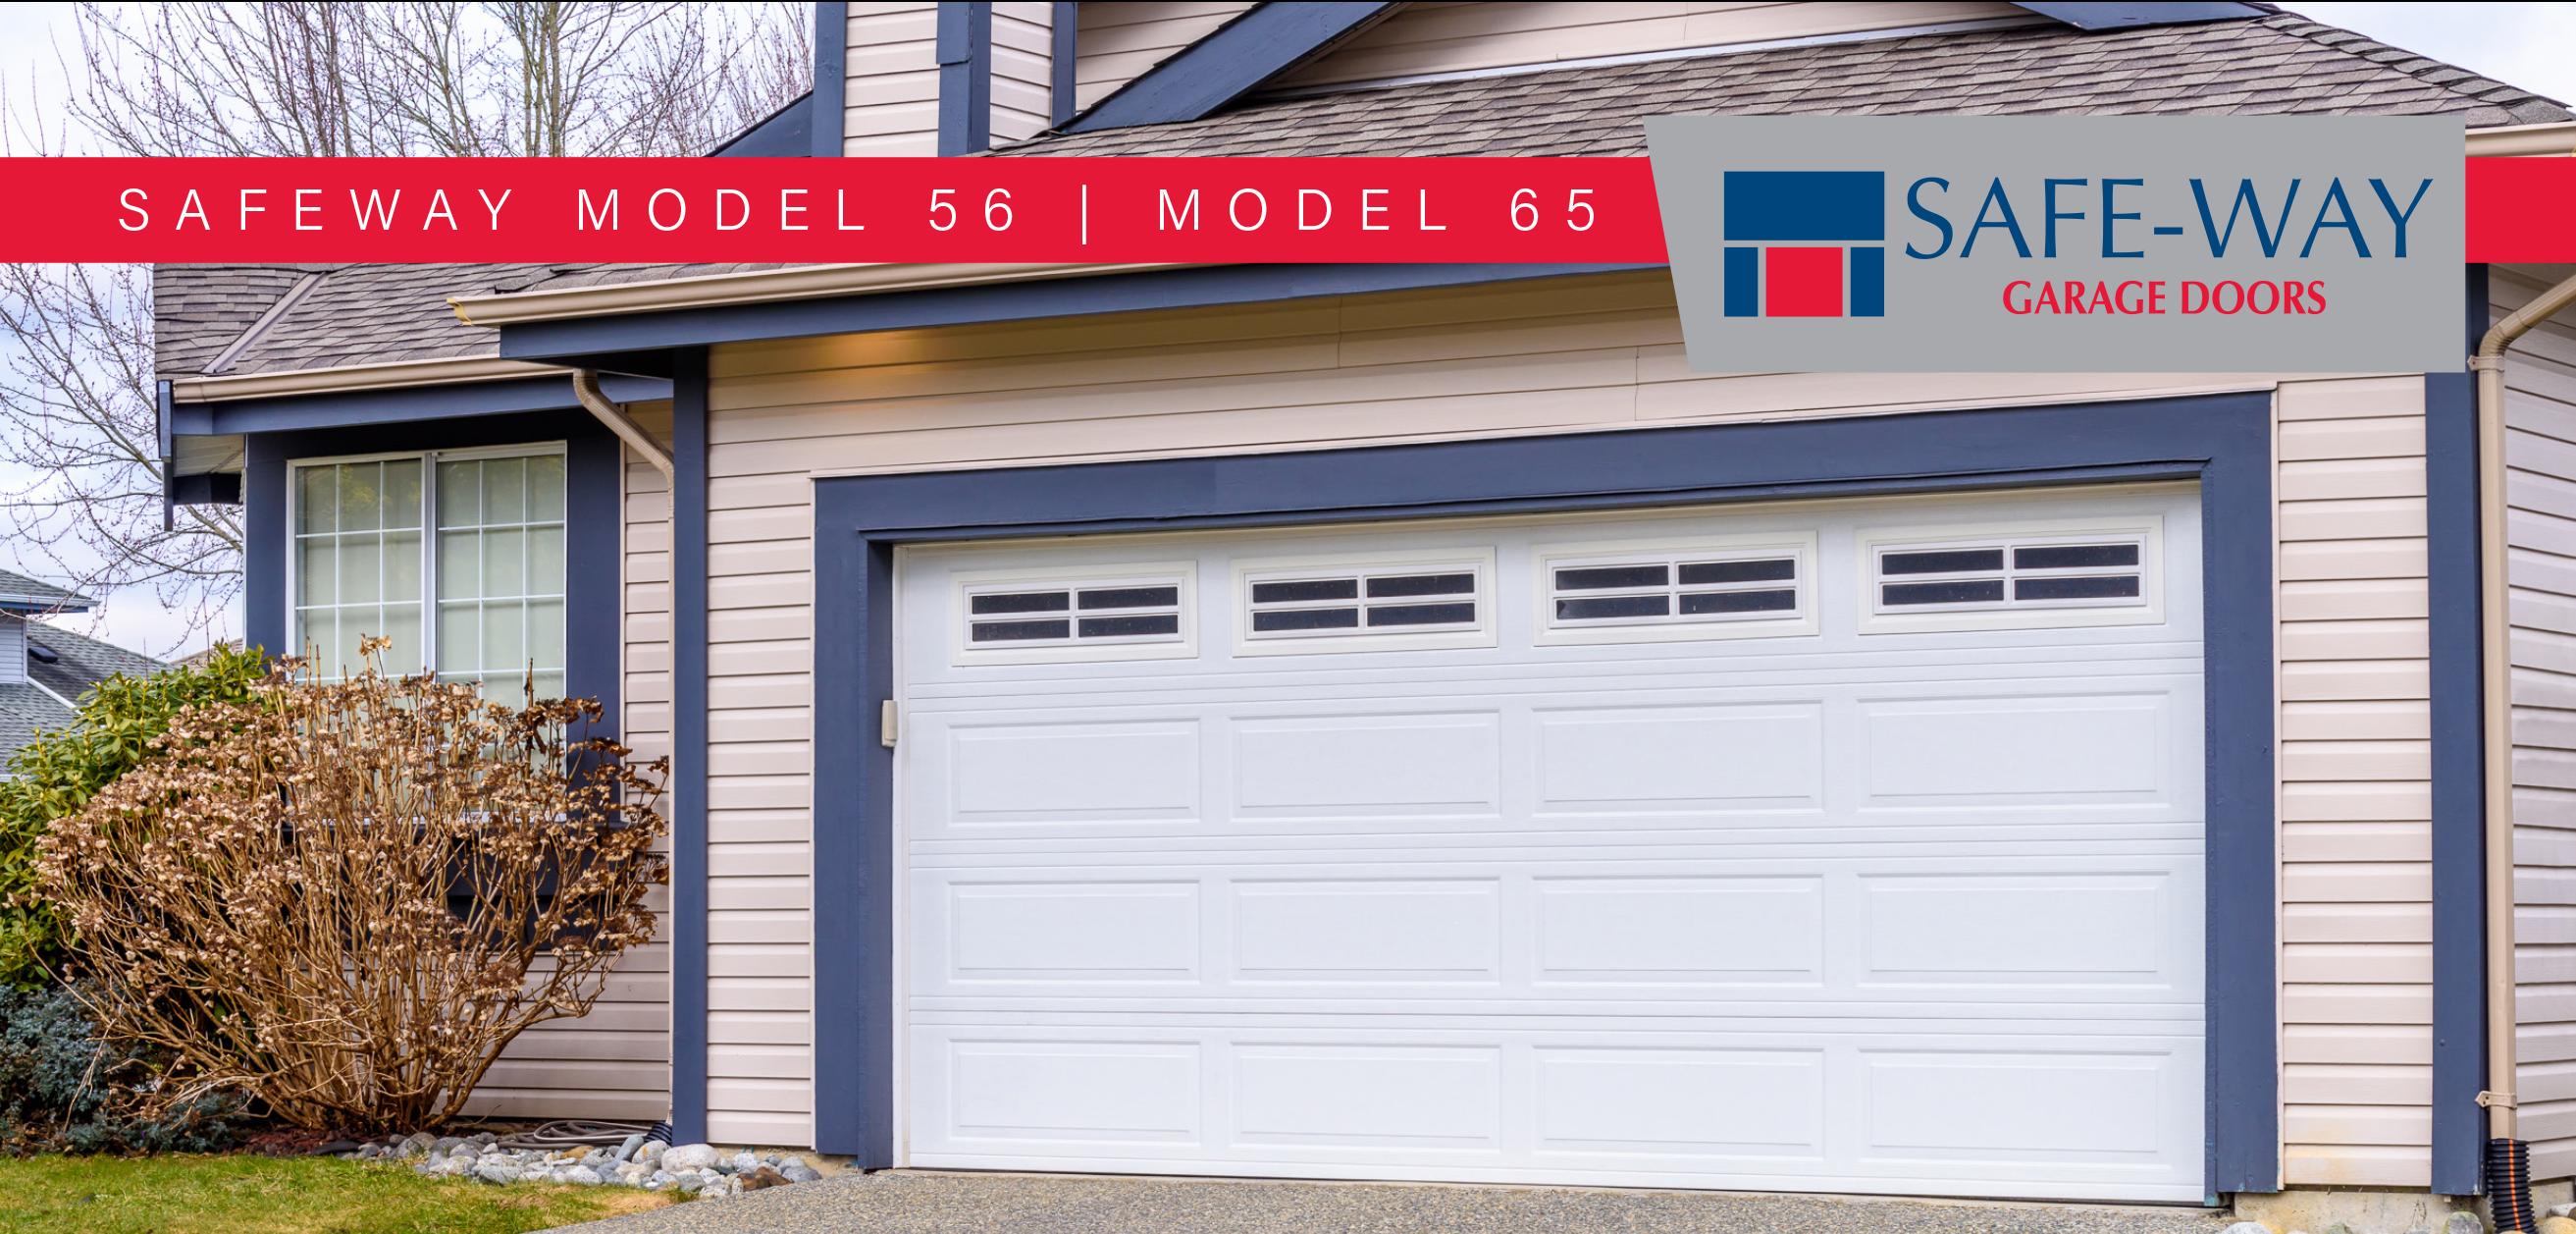 SafeWay Garage Doors